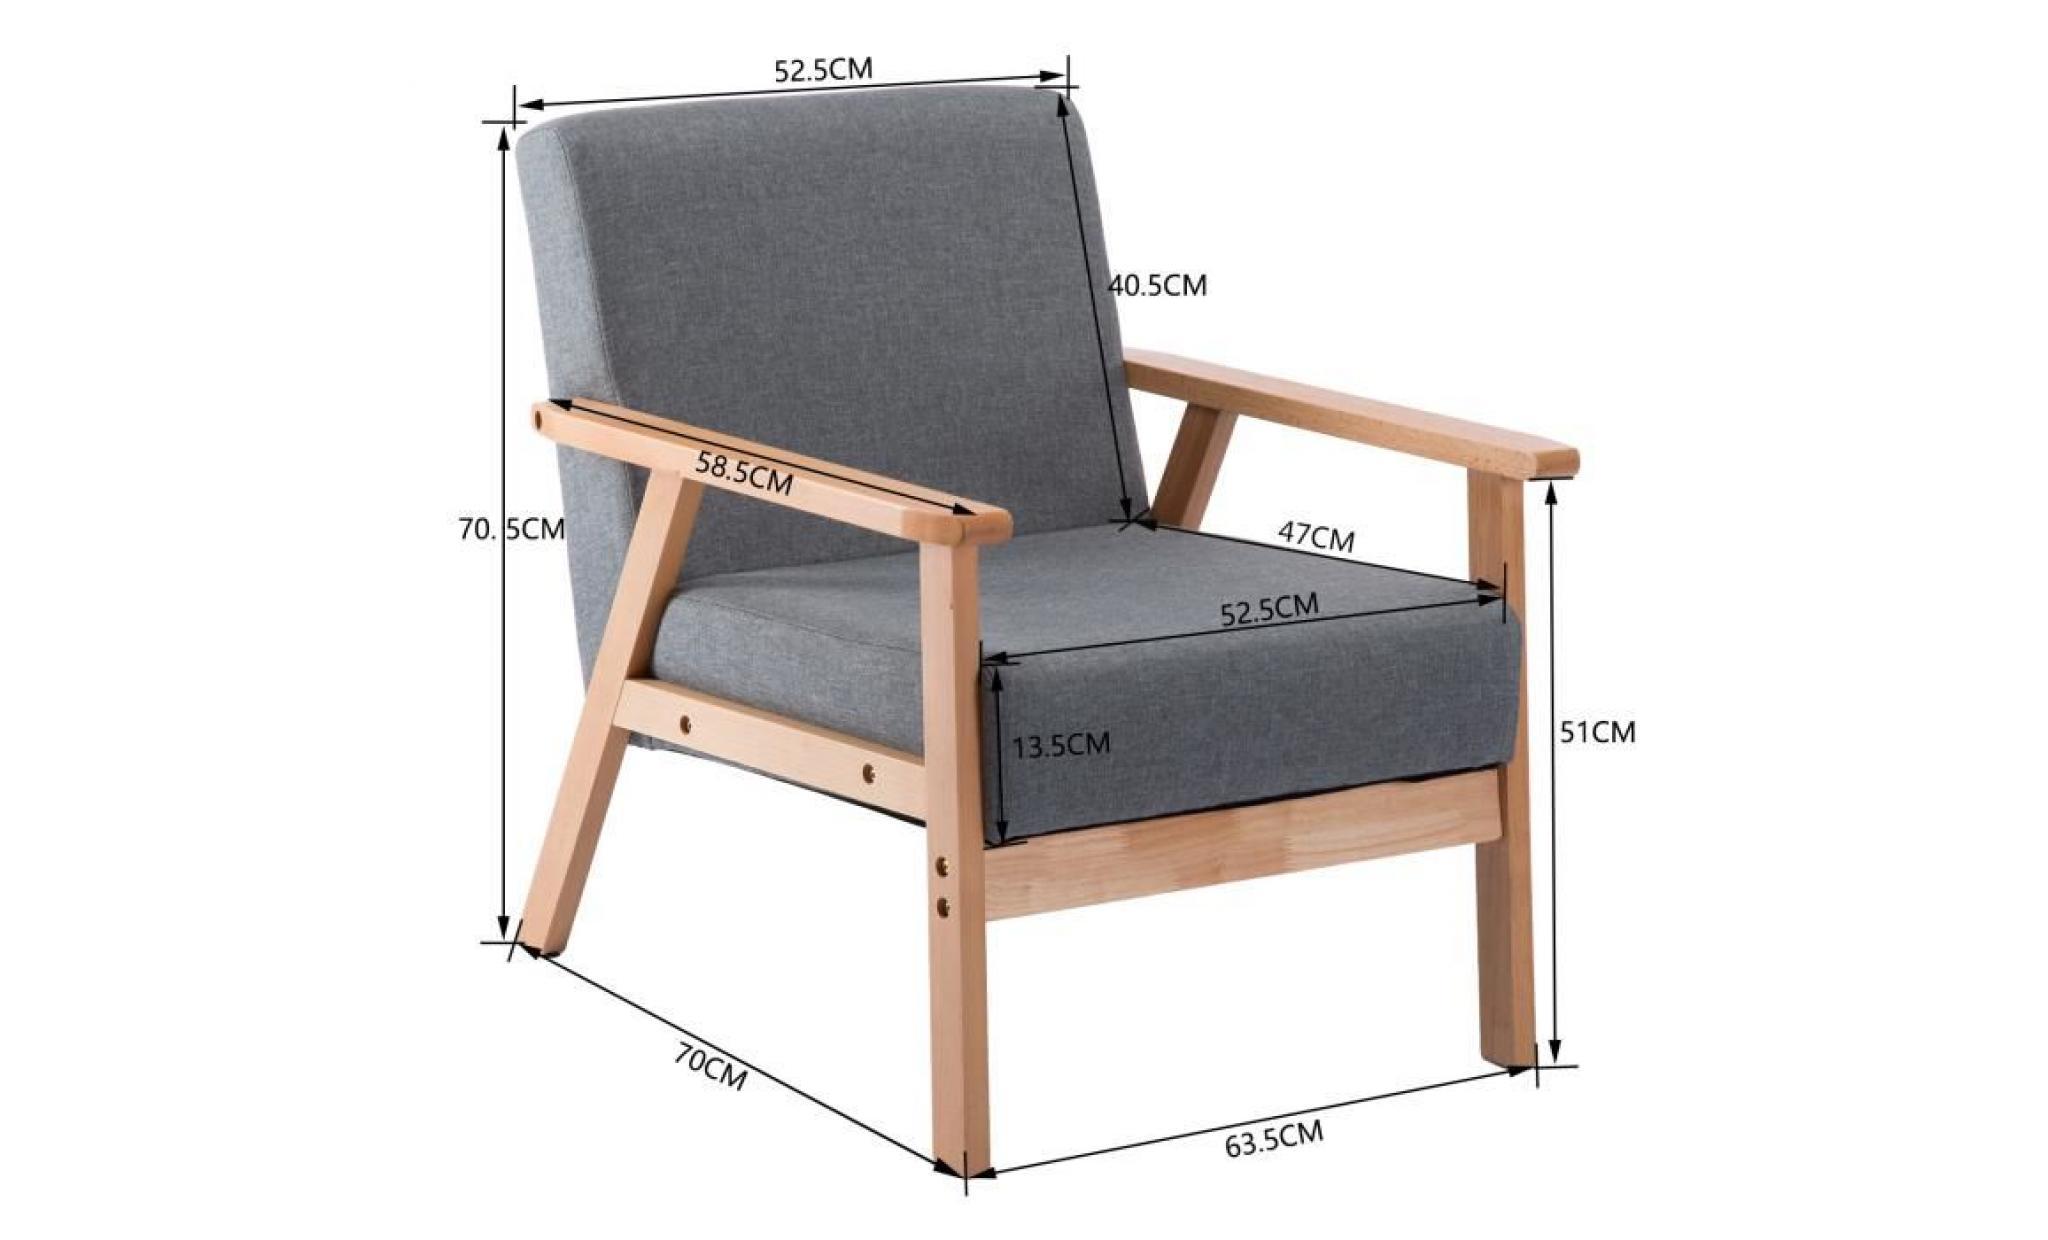 jkk fauteuil de salon chaise longue en tissu coton gris fonce petit canape chaise scandinave achat vente fauteuil de bureau pas cher couleur et design fr